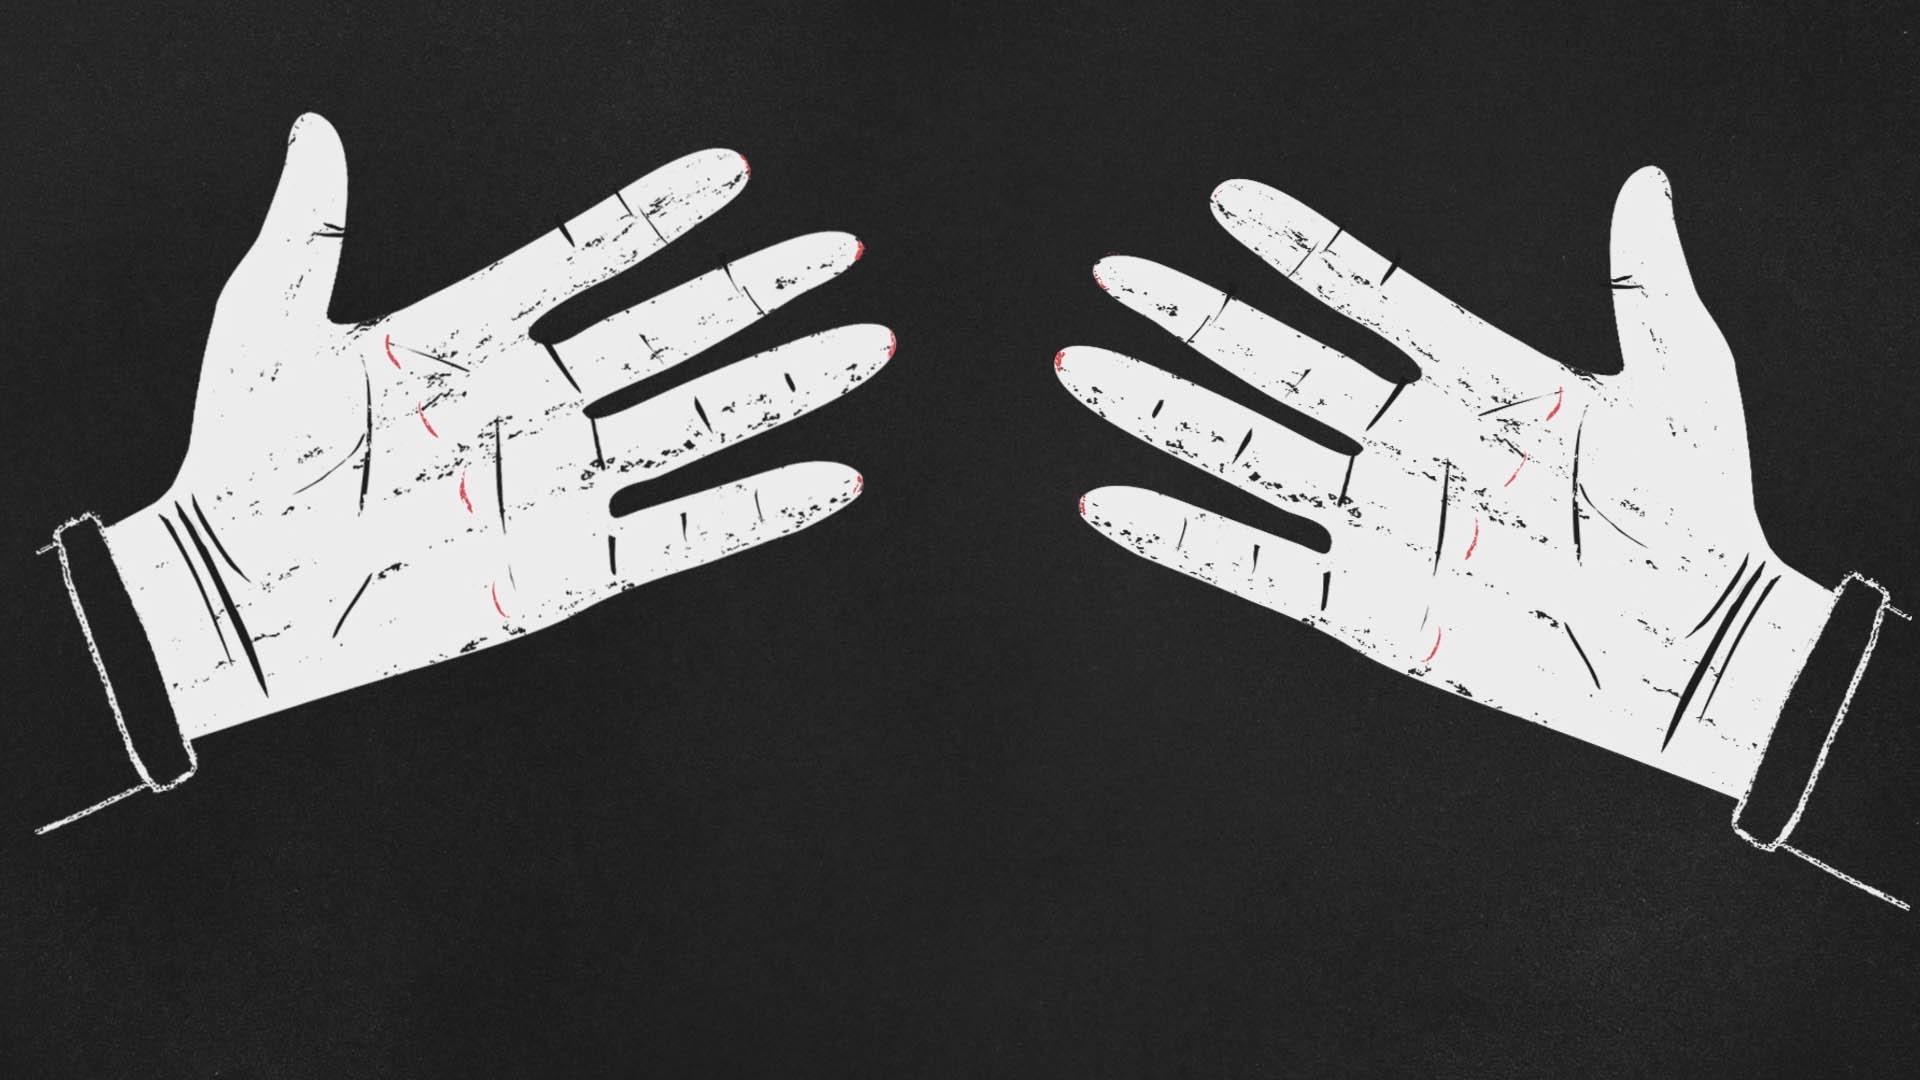 8_Hands.jpg